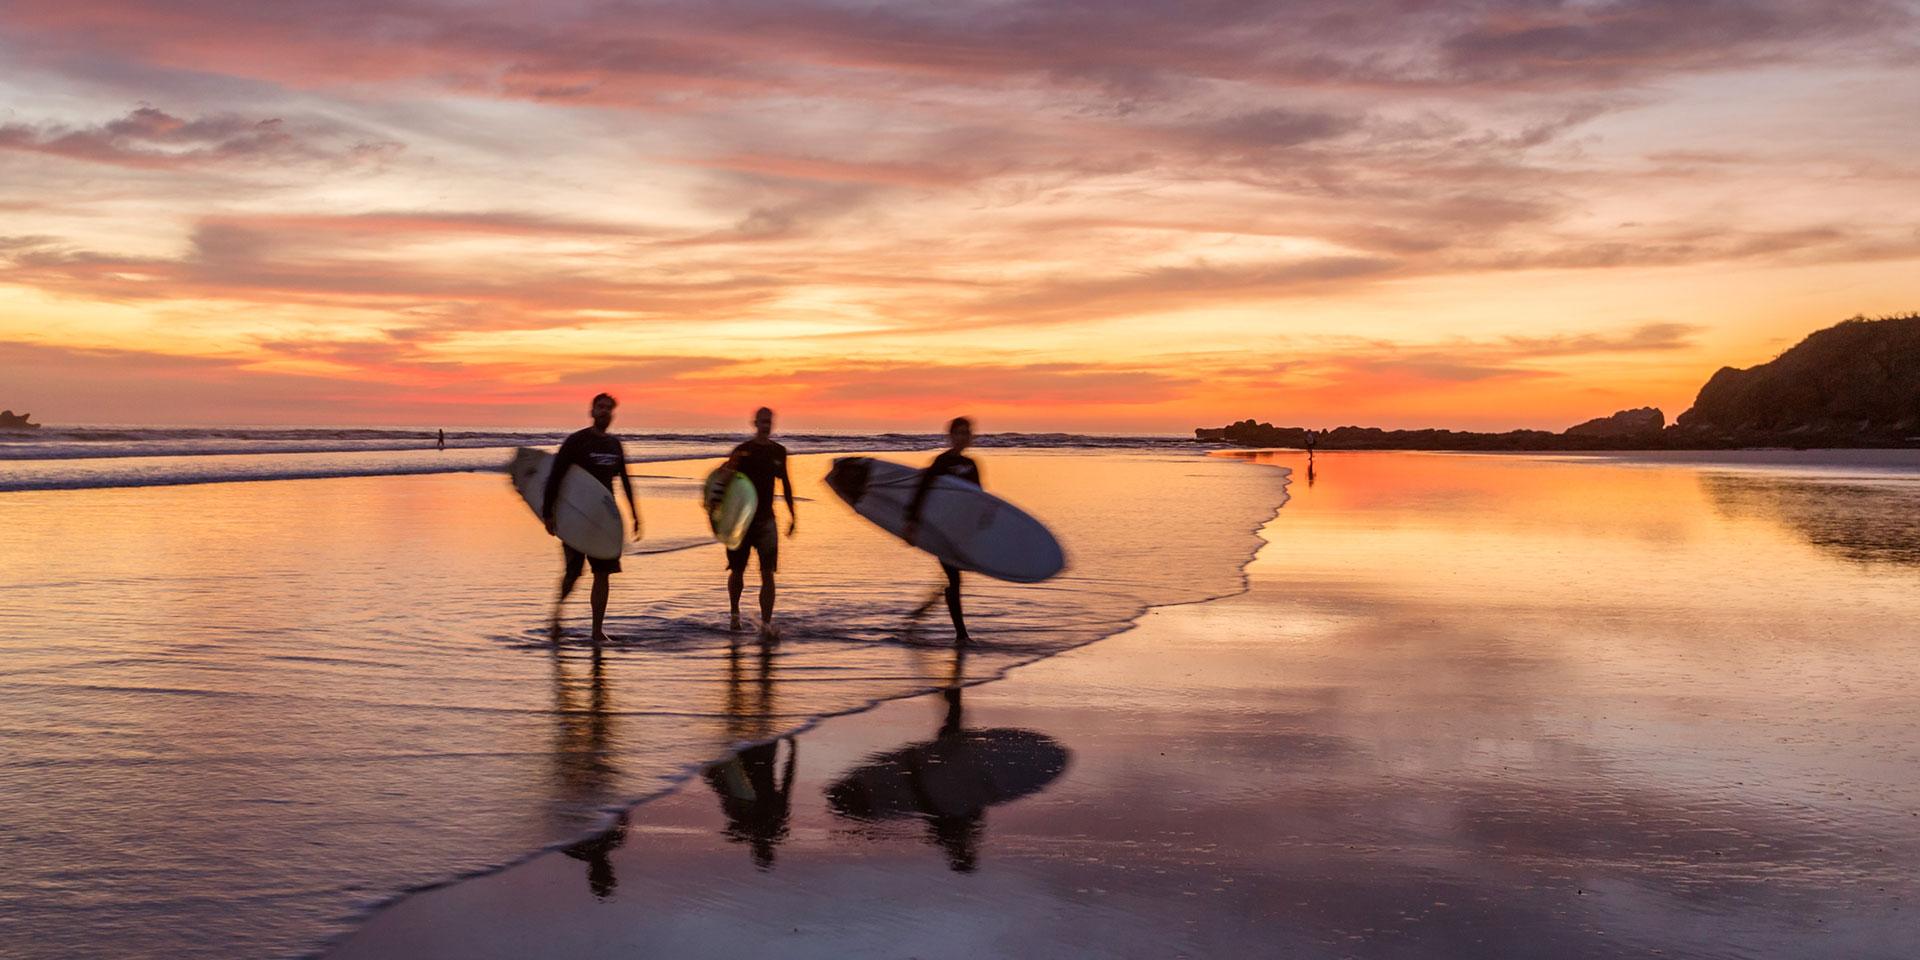 ilytoutsourire - 10 maillots de bain pour aller surfer au soleil